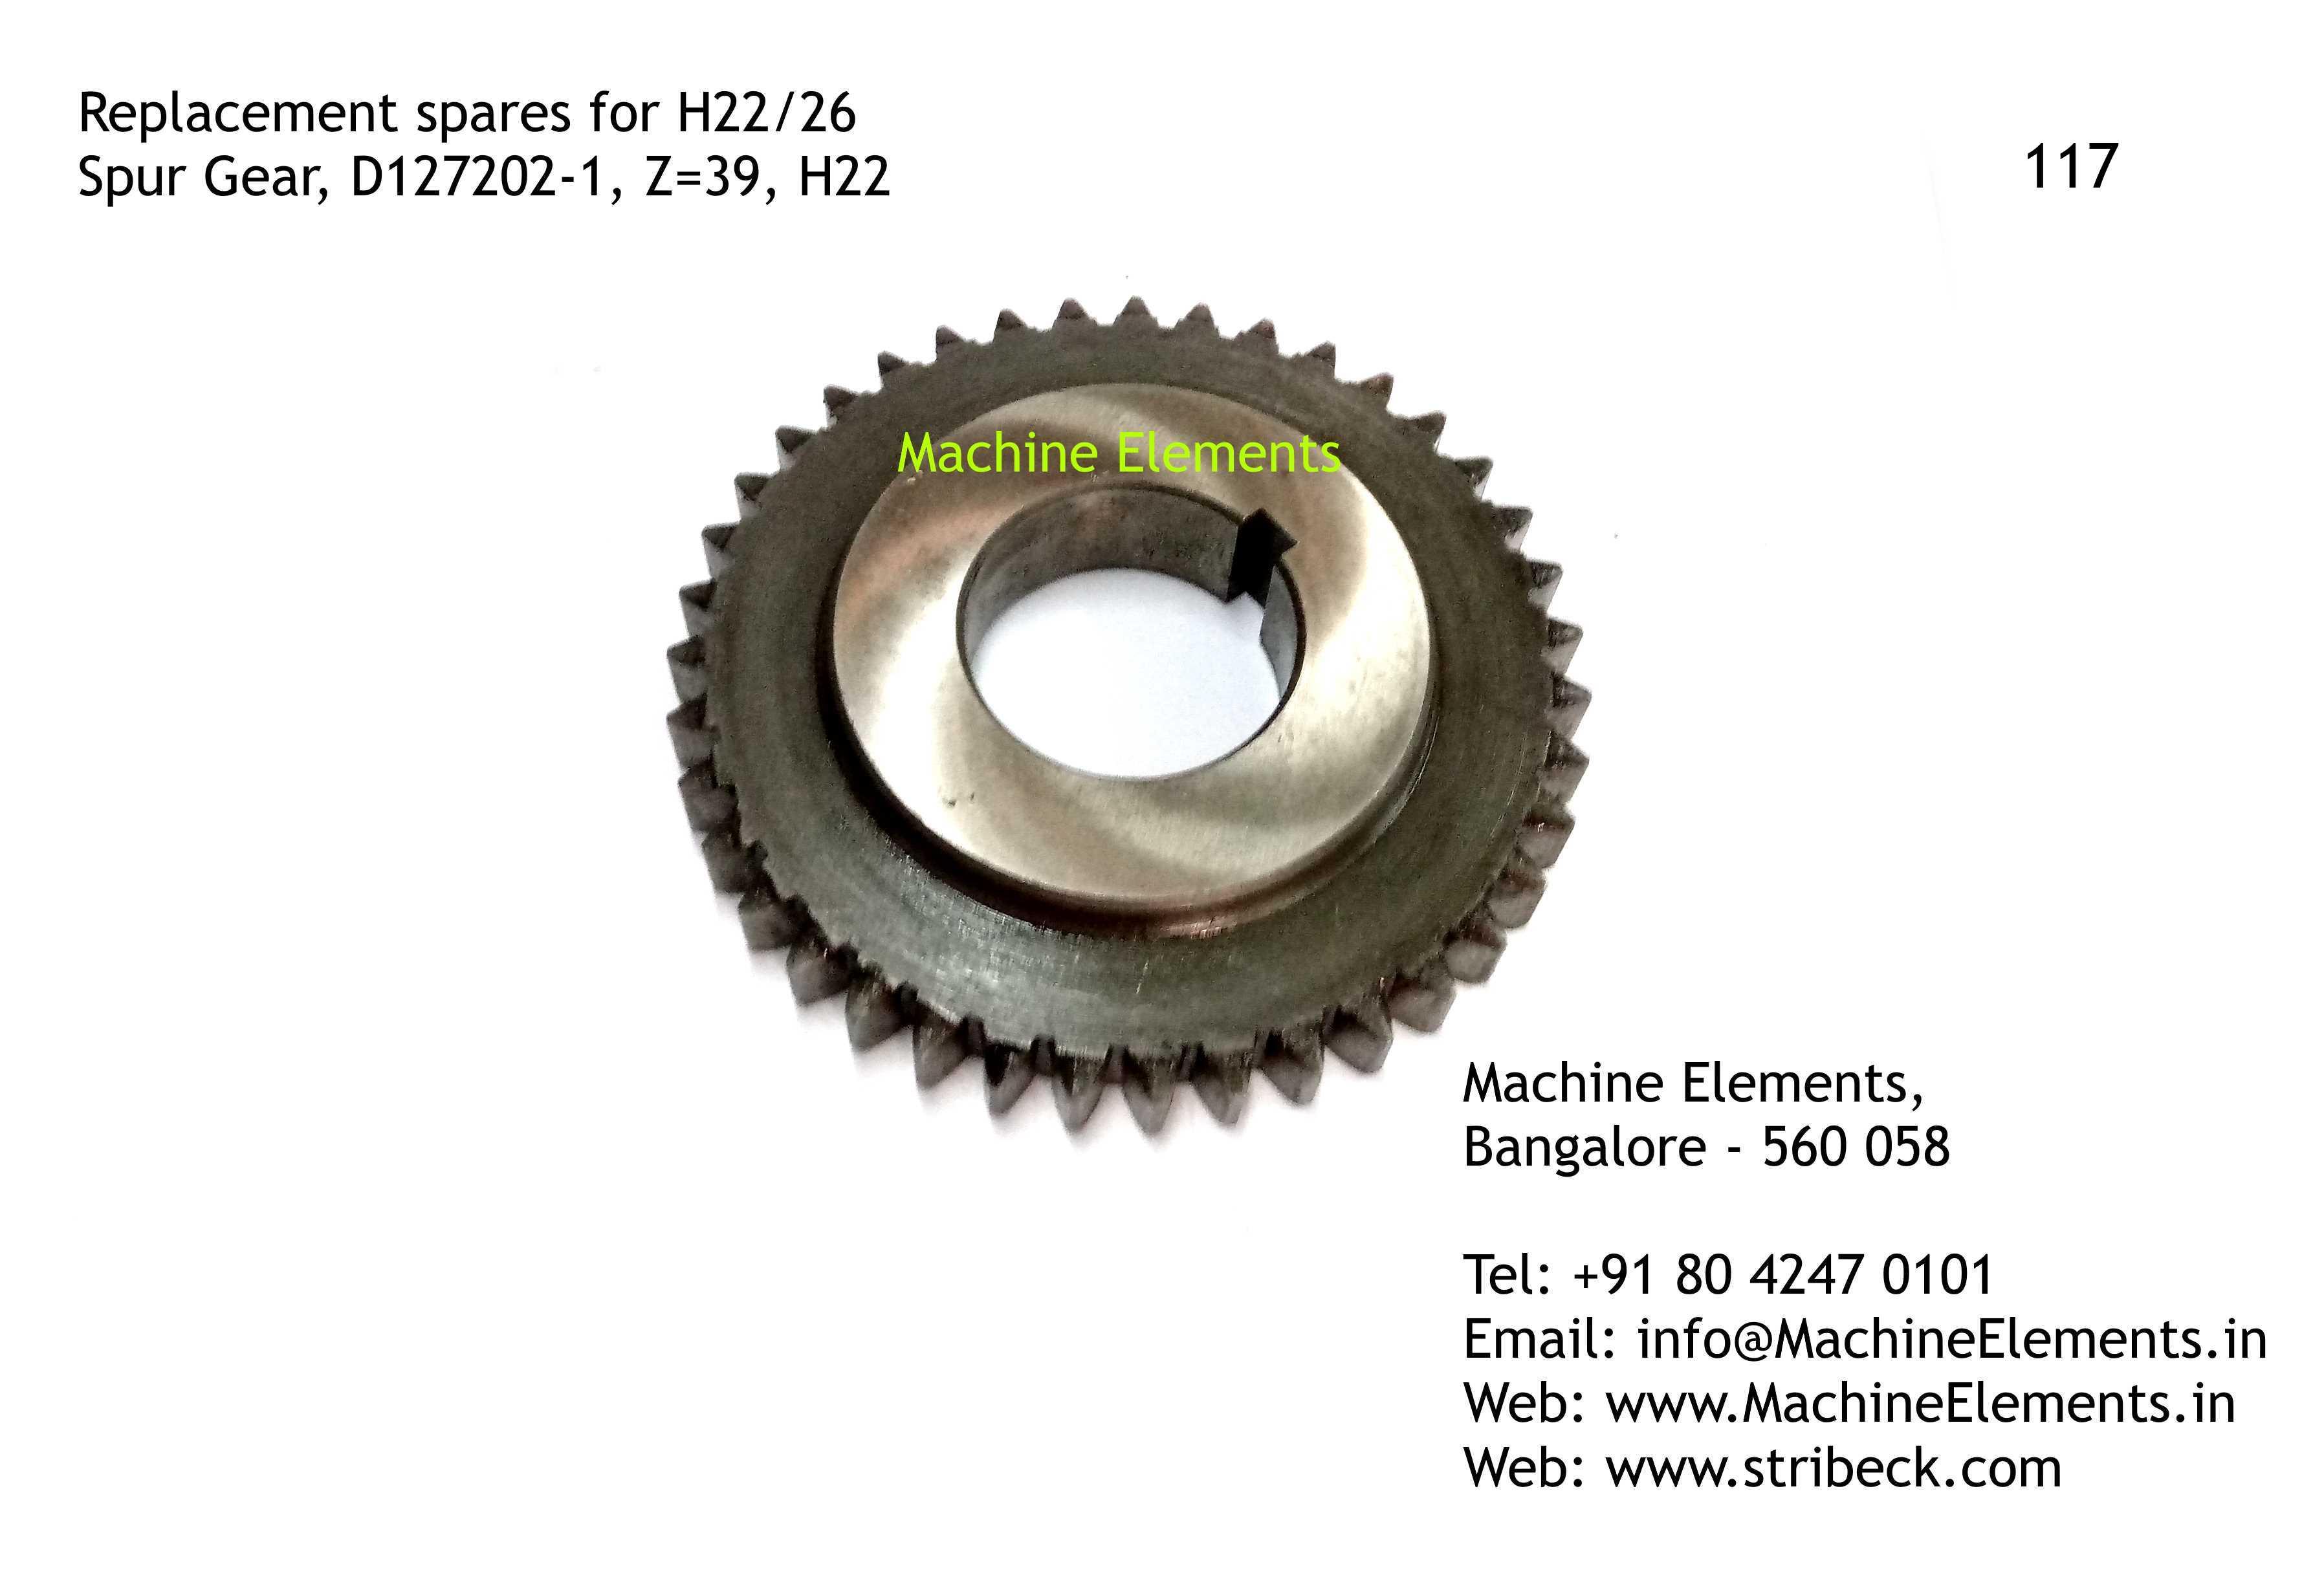 Spur Gear, D127202-1, Z=39